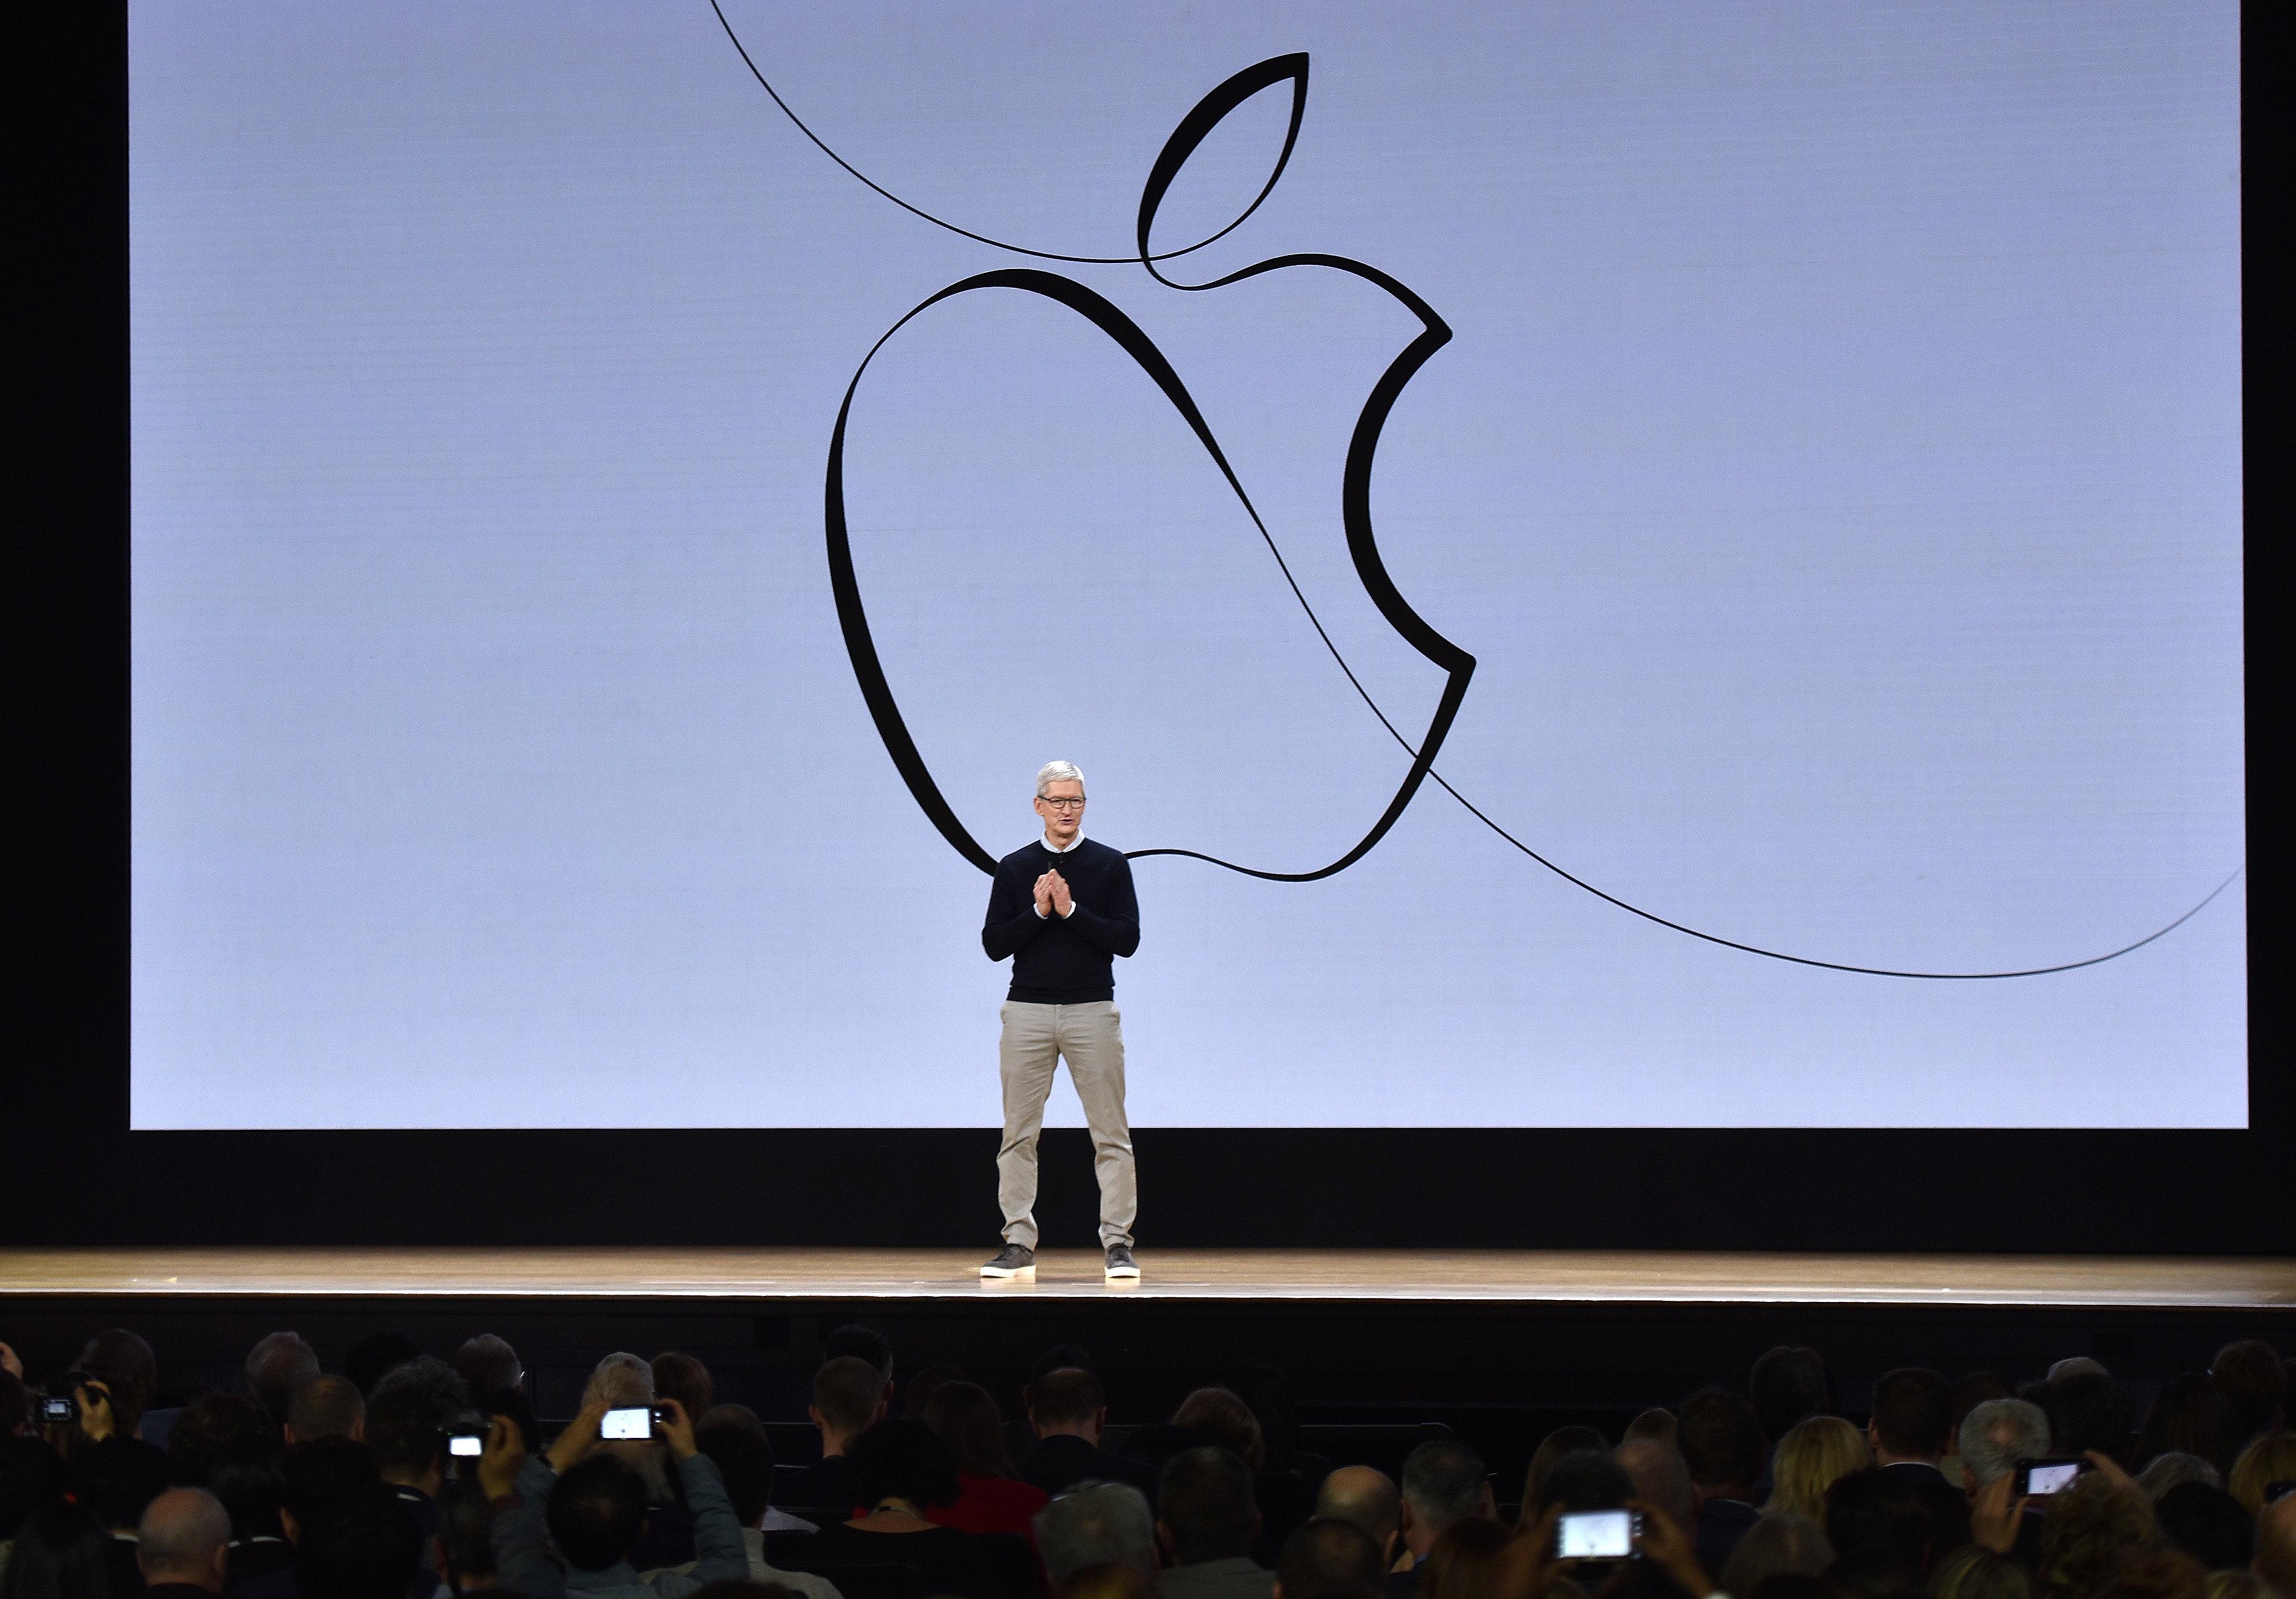 애플이 아이폰, 아이패드에서 암호화폐 채굴을